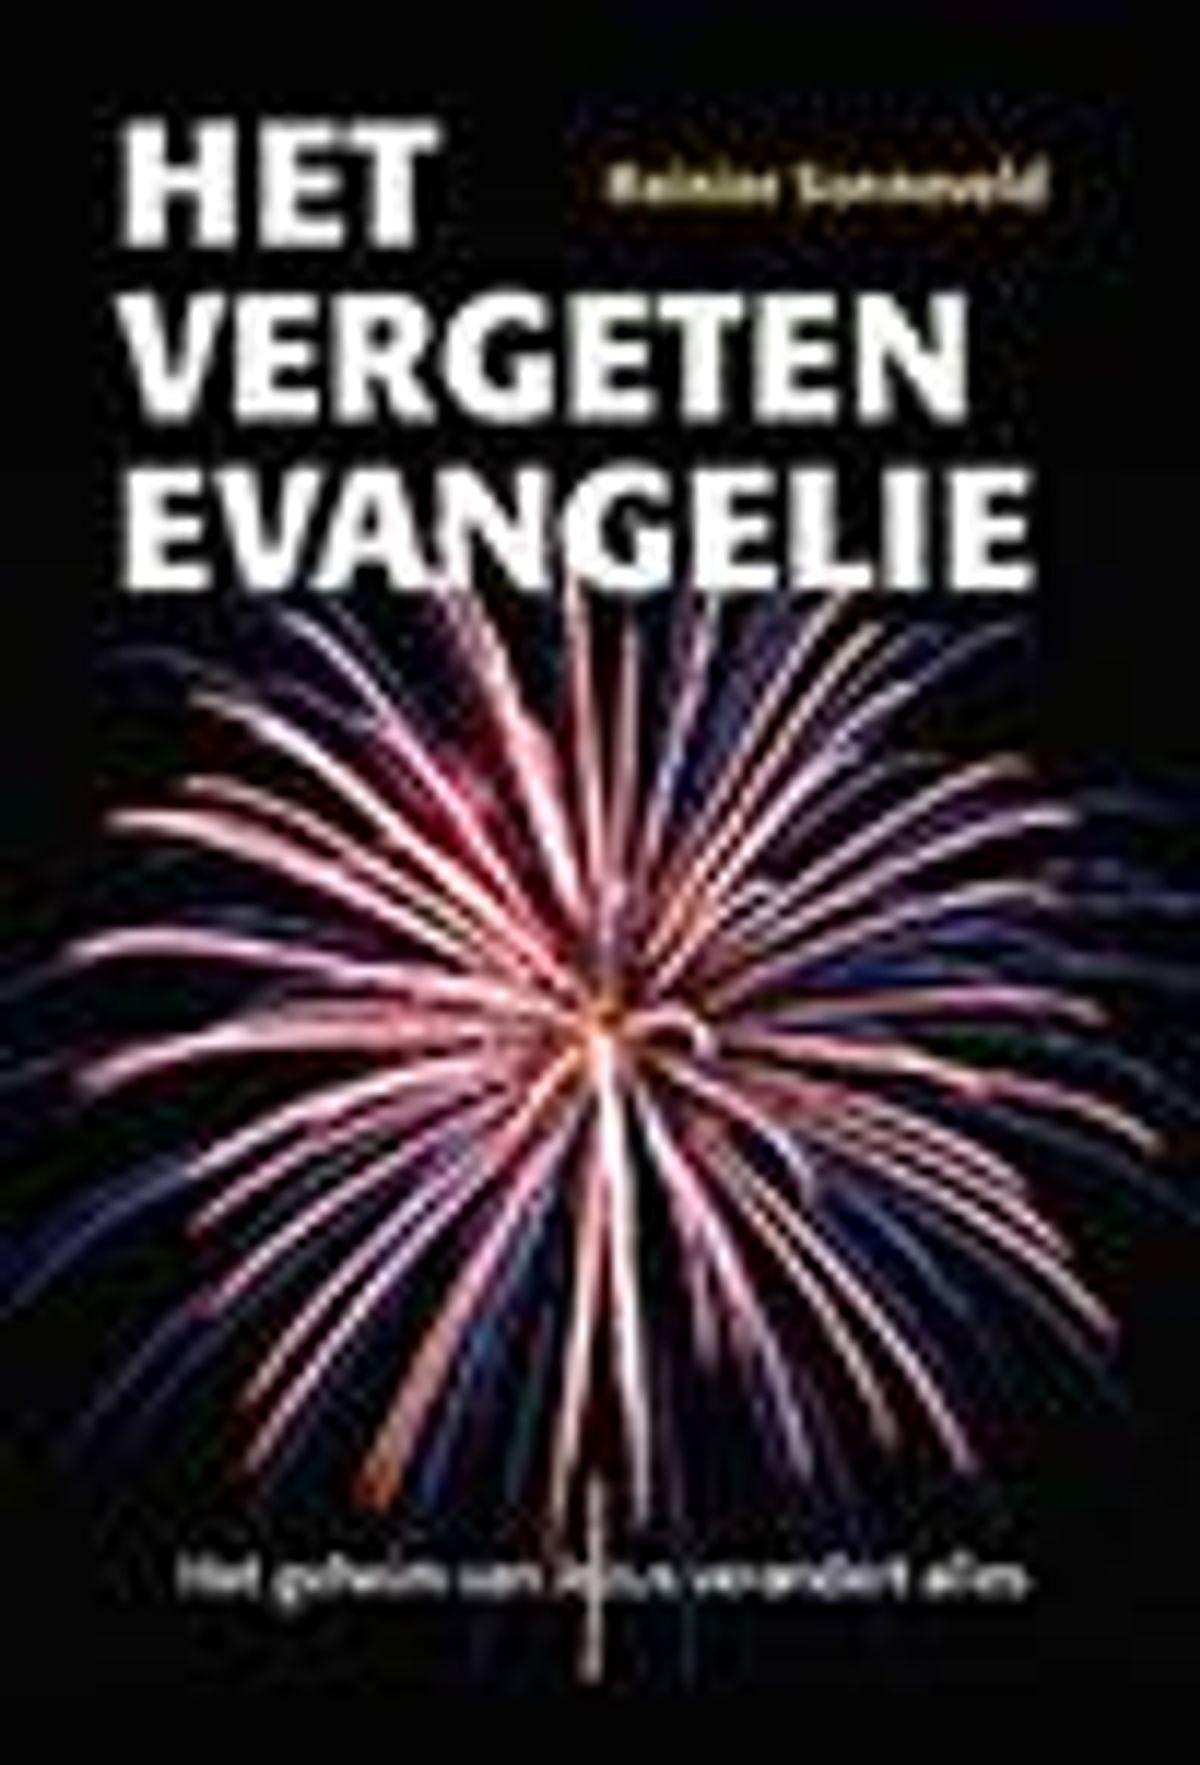 Vergeten-evangelie